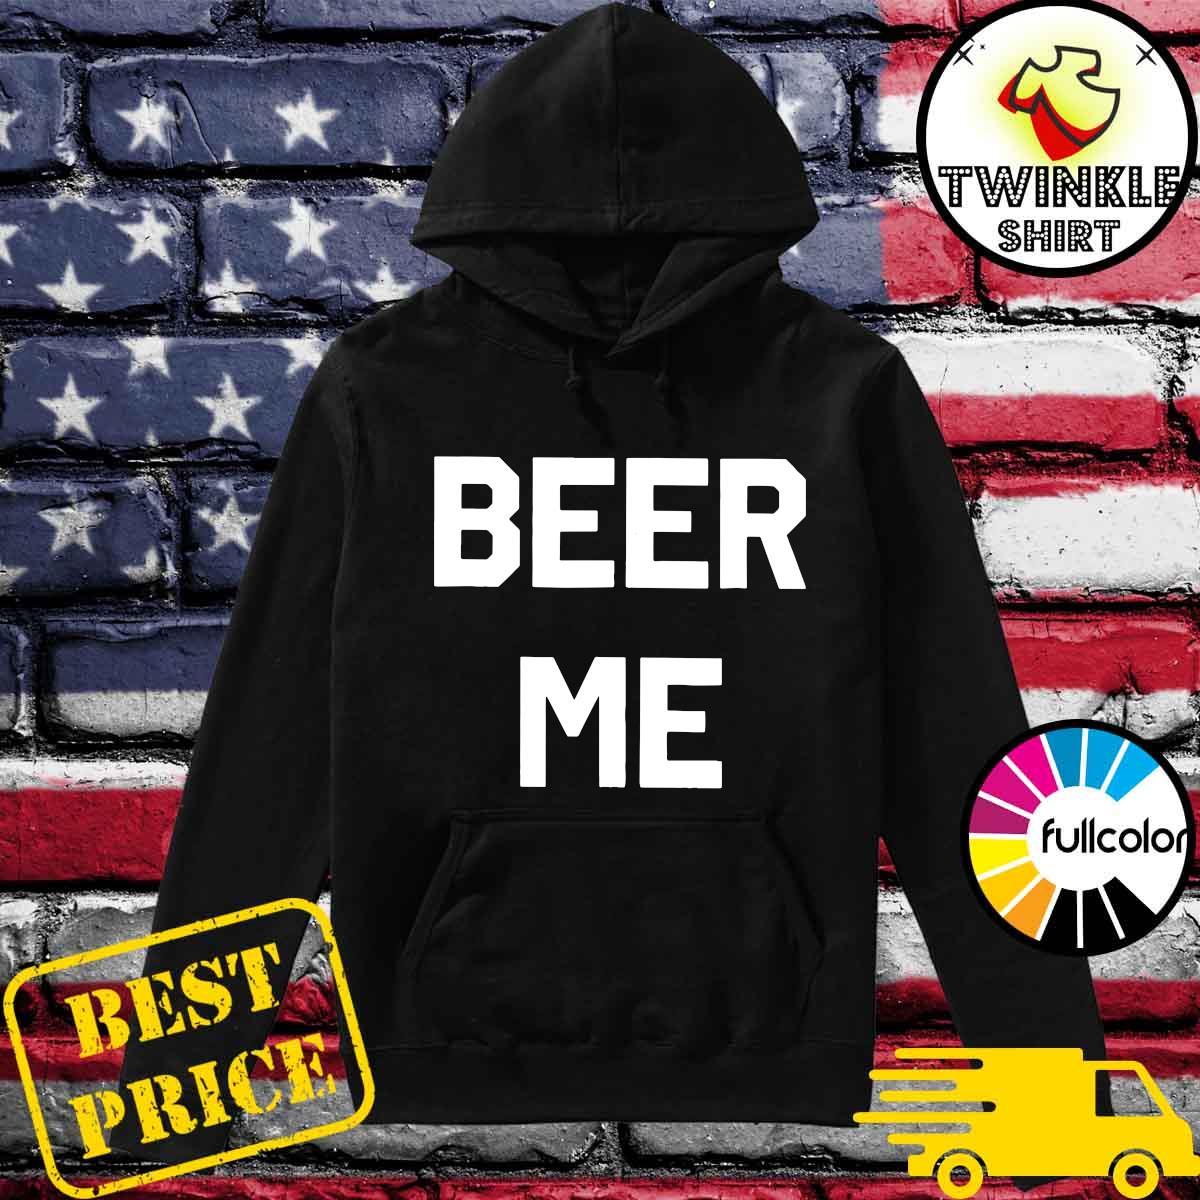 Official Beer Me Tee Shirt Hoodie